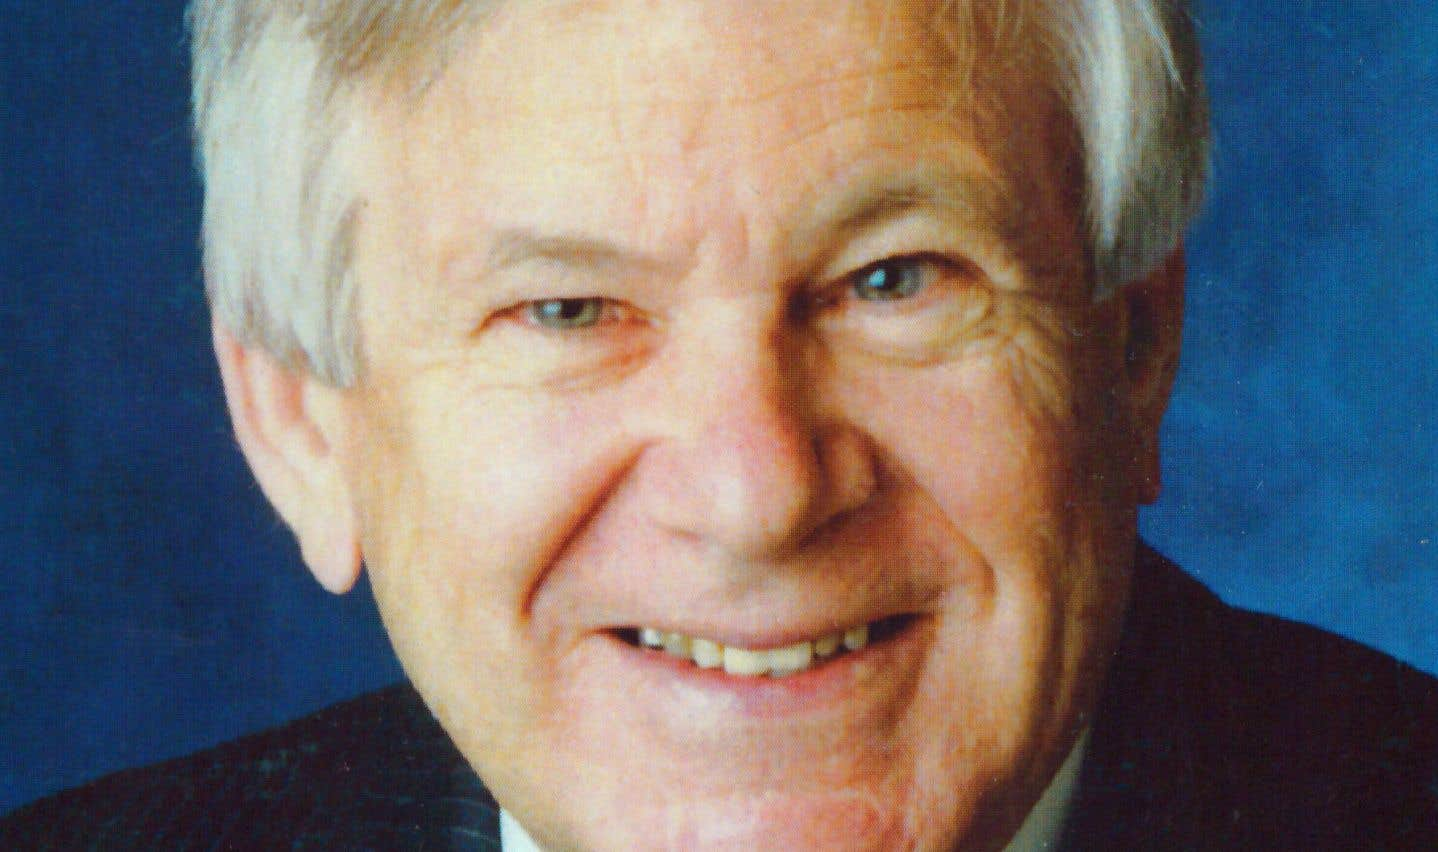 Louis Berlinguet appartenait à la génération des grands bâtisseurs de la Révolution tranquille, estiment les auteurs.